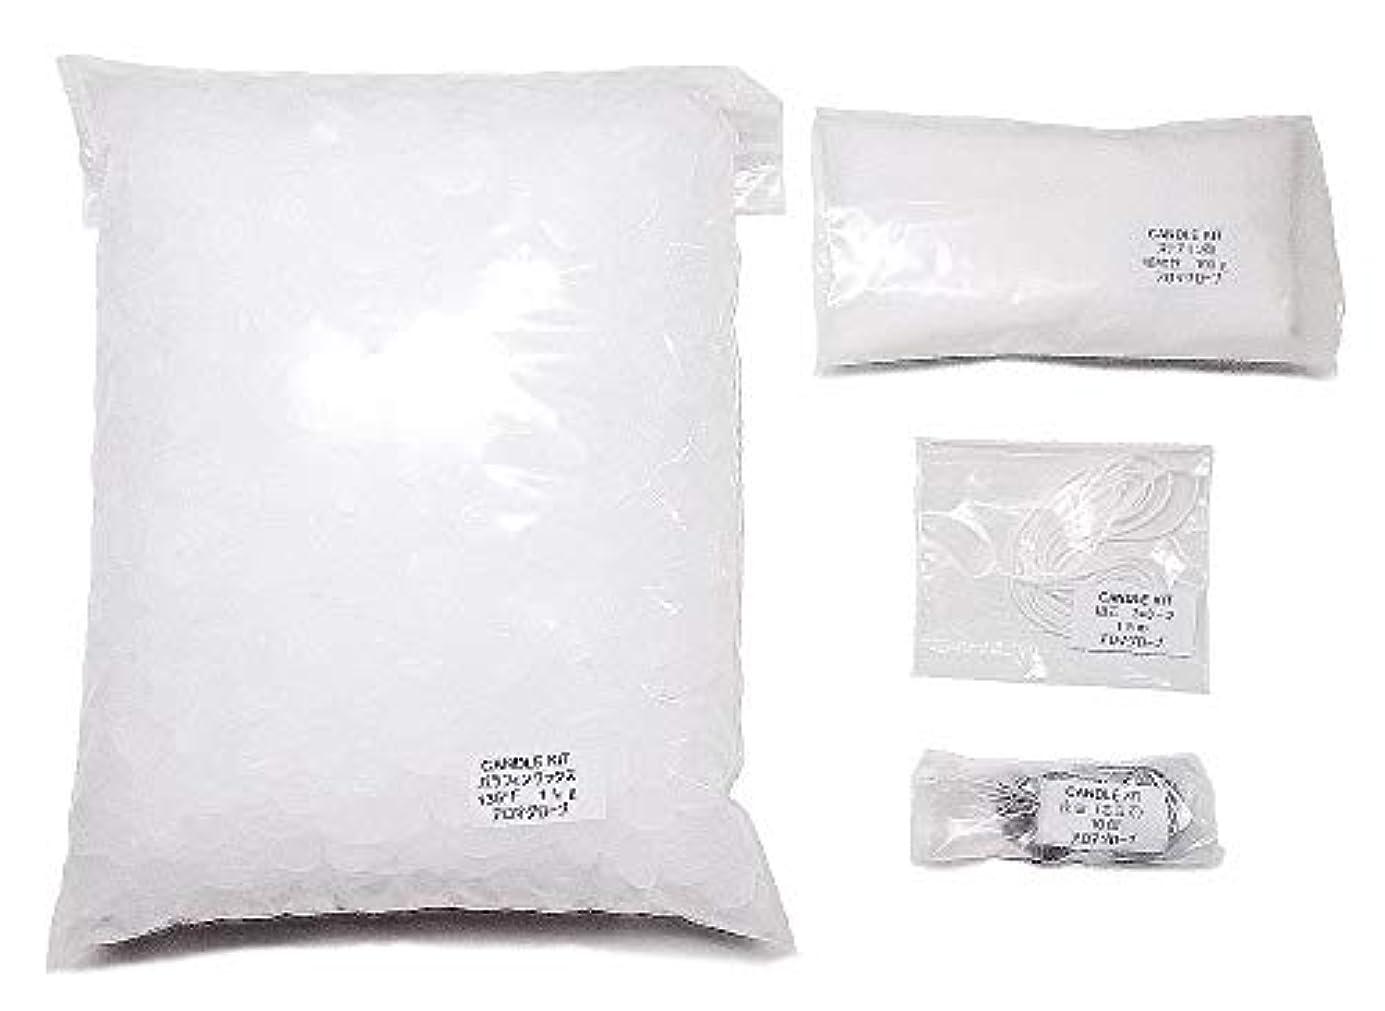 触覚トーナメント休憩する手作りキャンドルキット材料(パラフィンワックス1kg,座金10個,芯1.5m,ステアリン酸)作り方説明書付